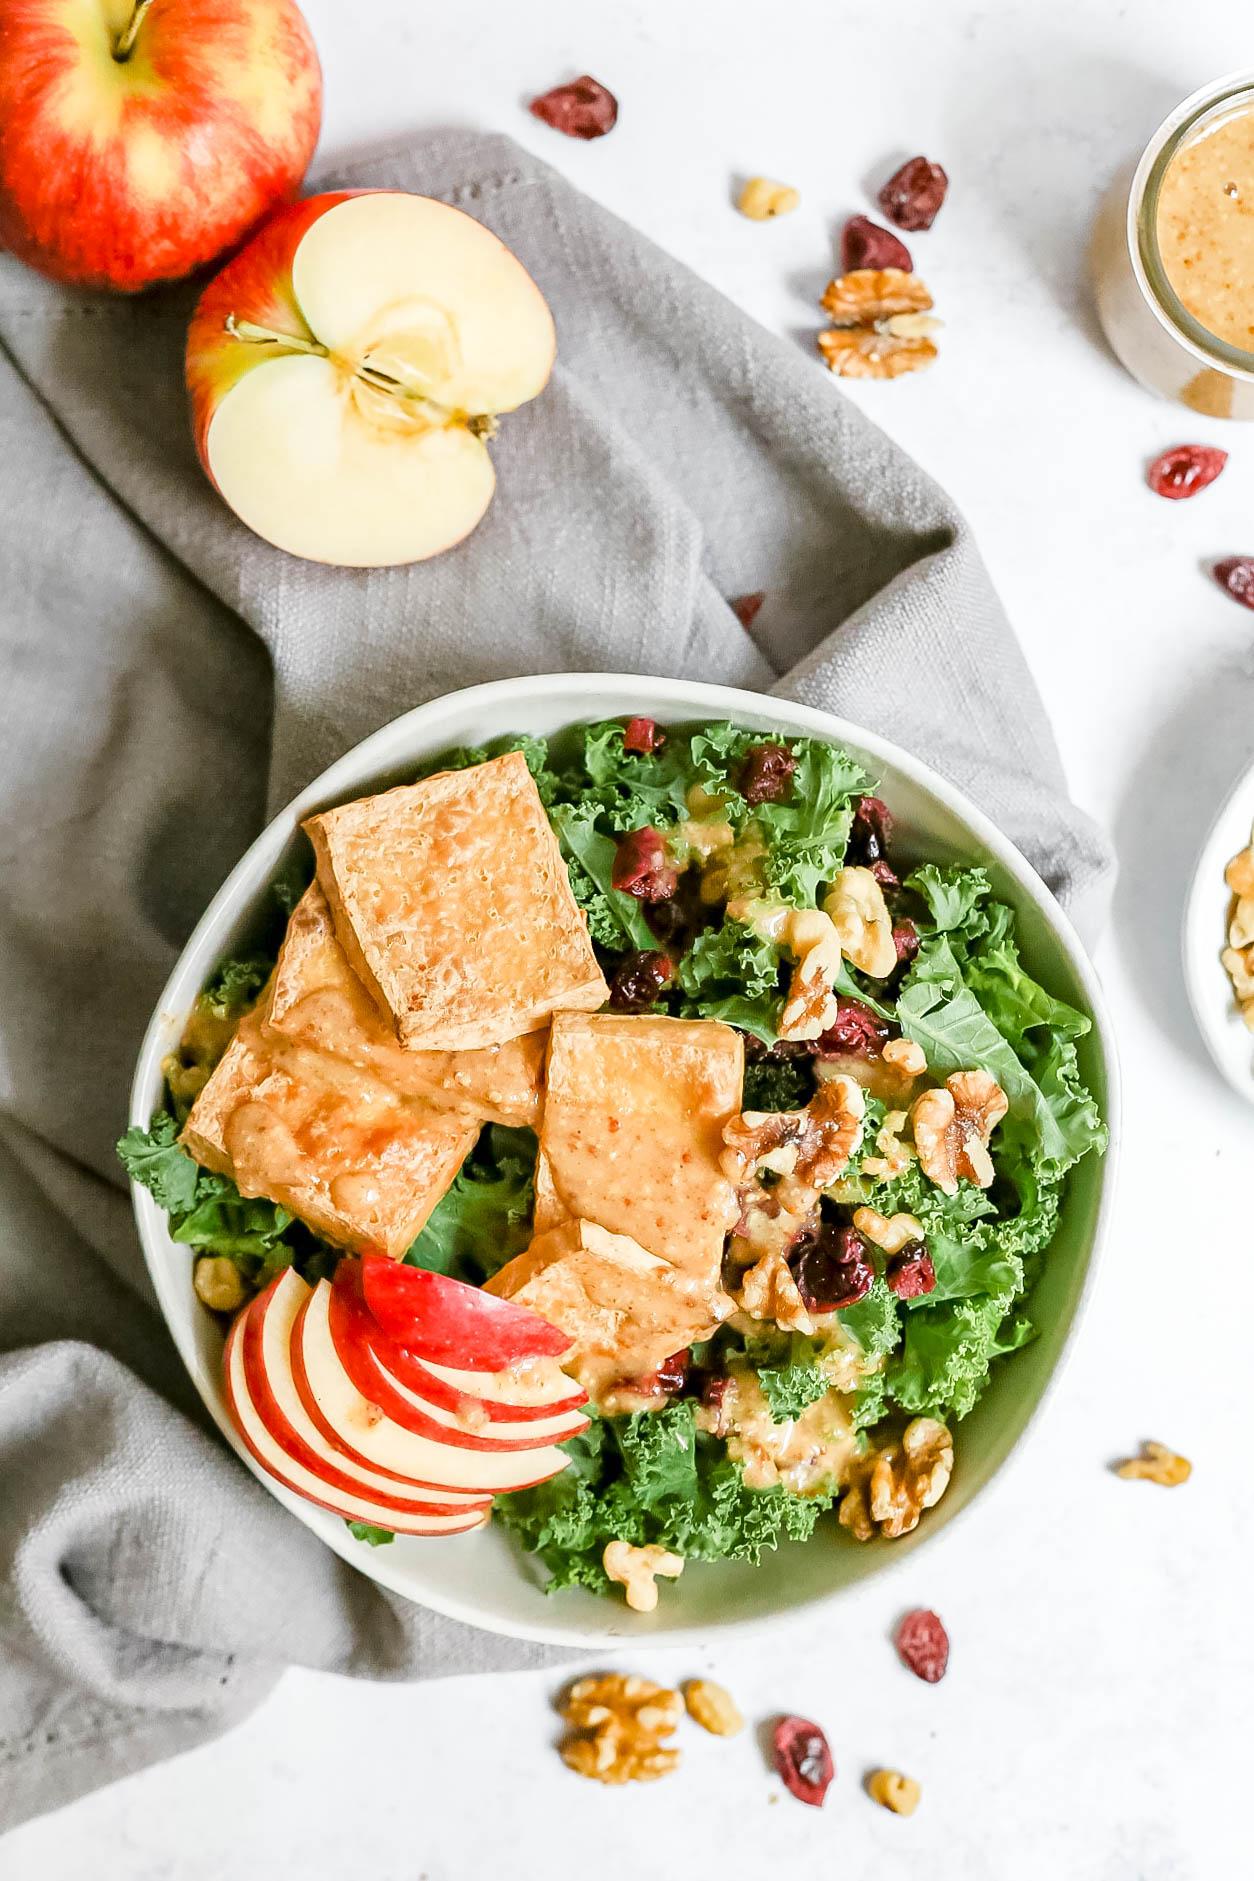 Apple Tofu Kale Salad